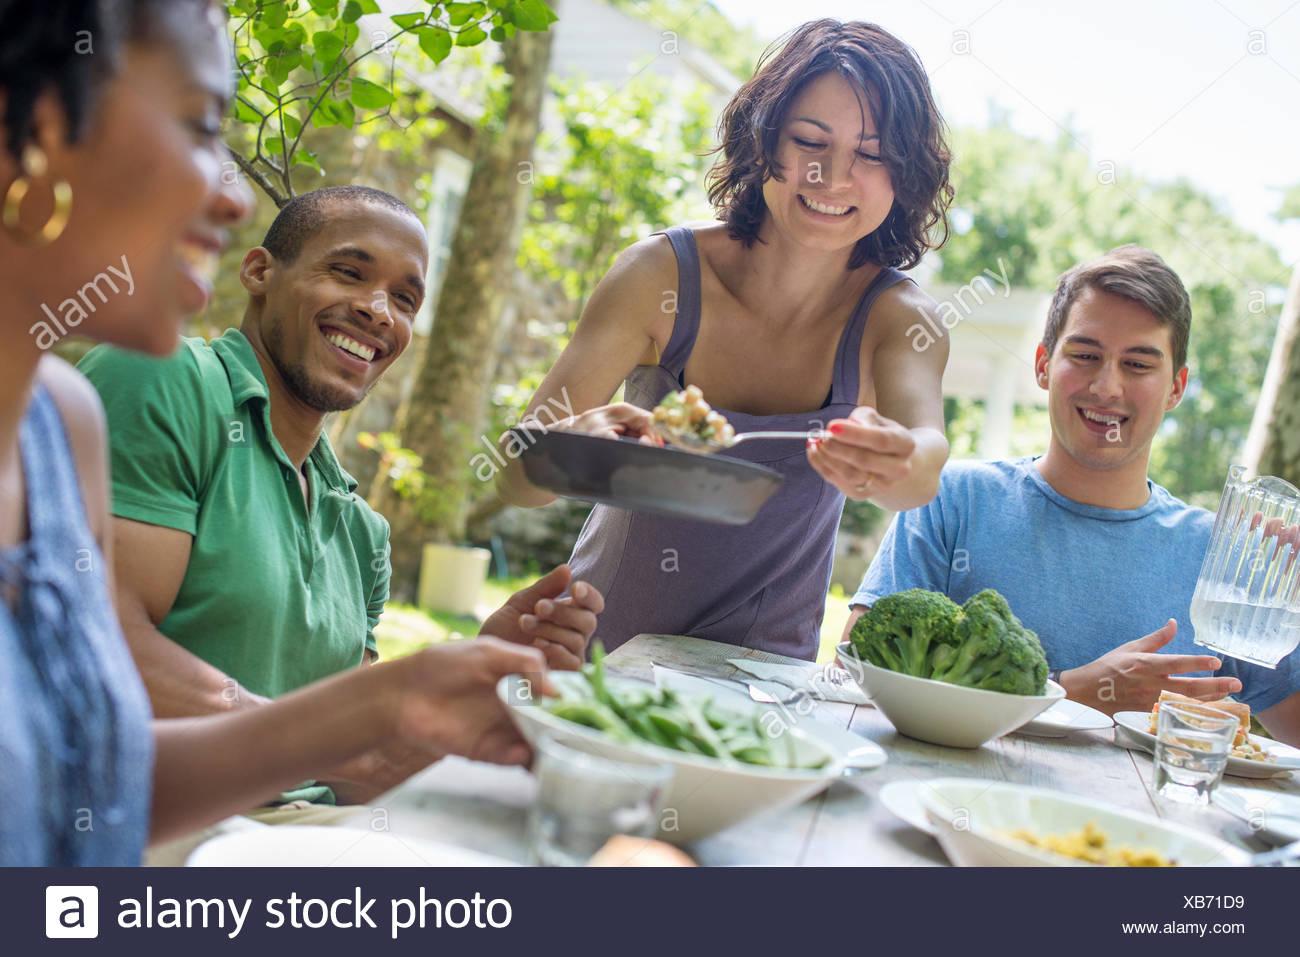 Una Reunión Familiar Hombres Mujeres Y Niños Alrededor De Una Mesa